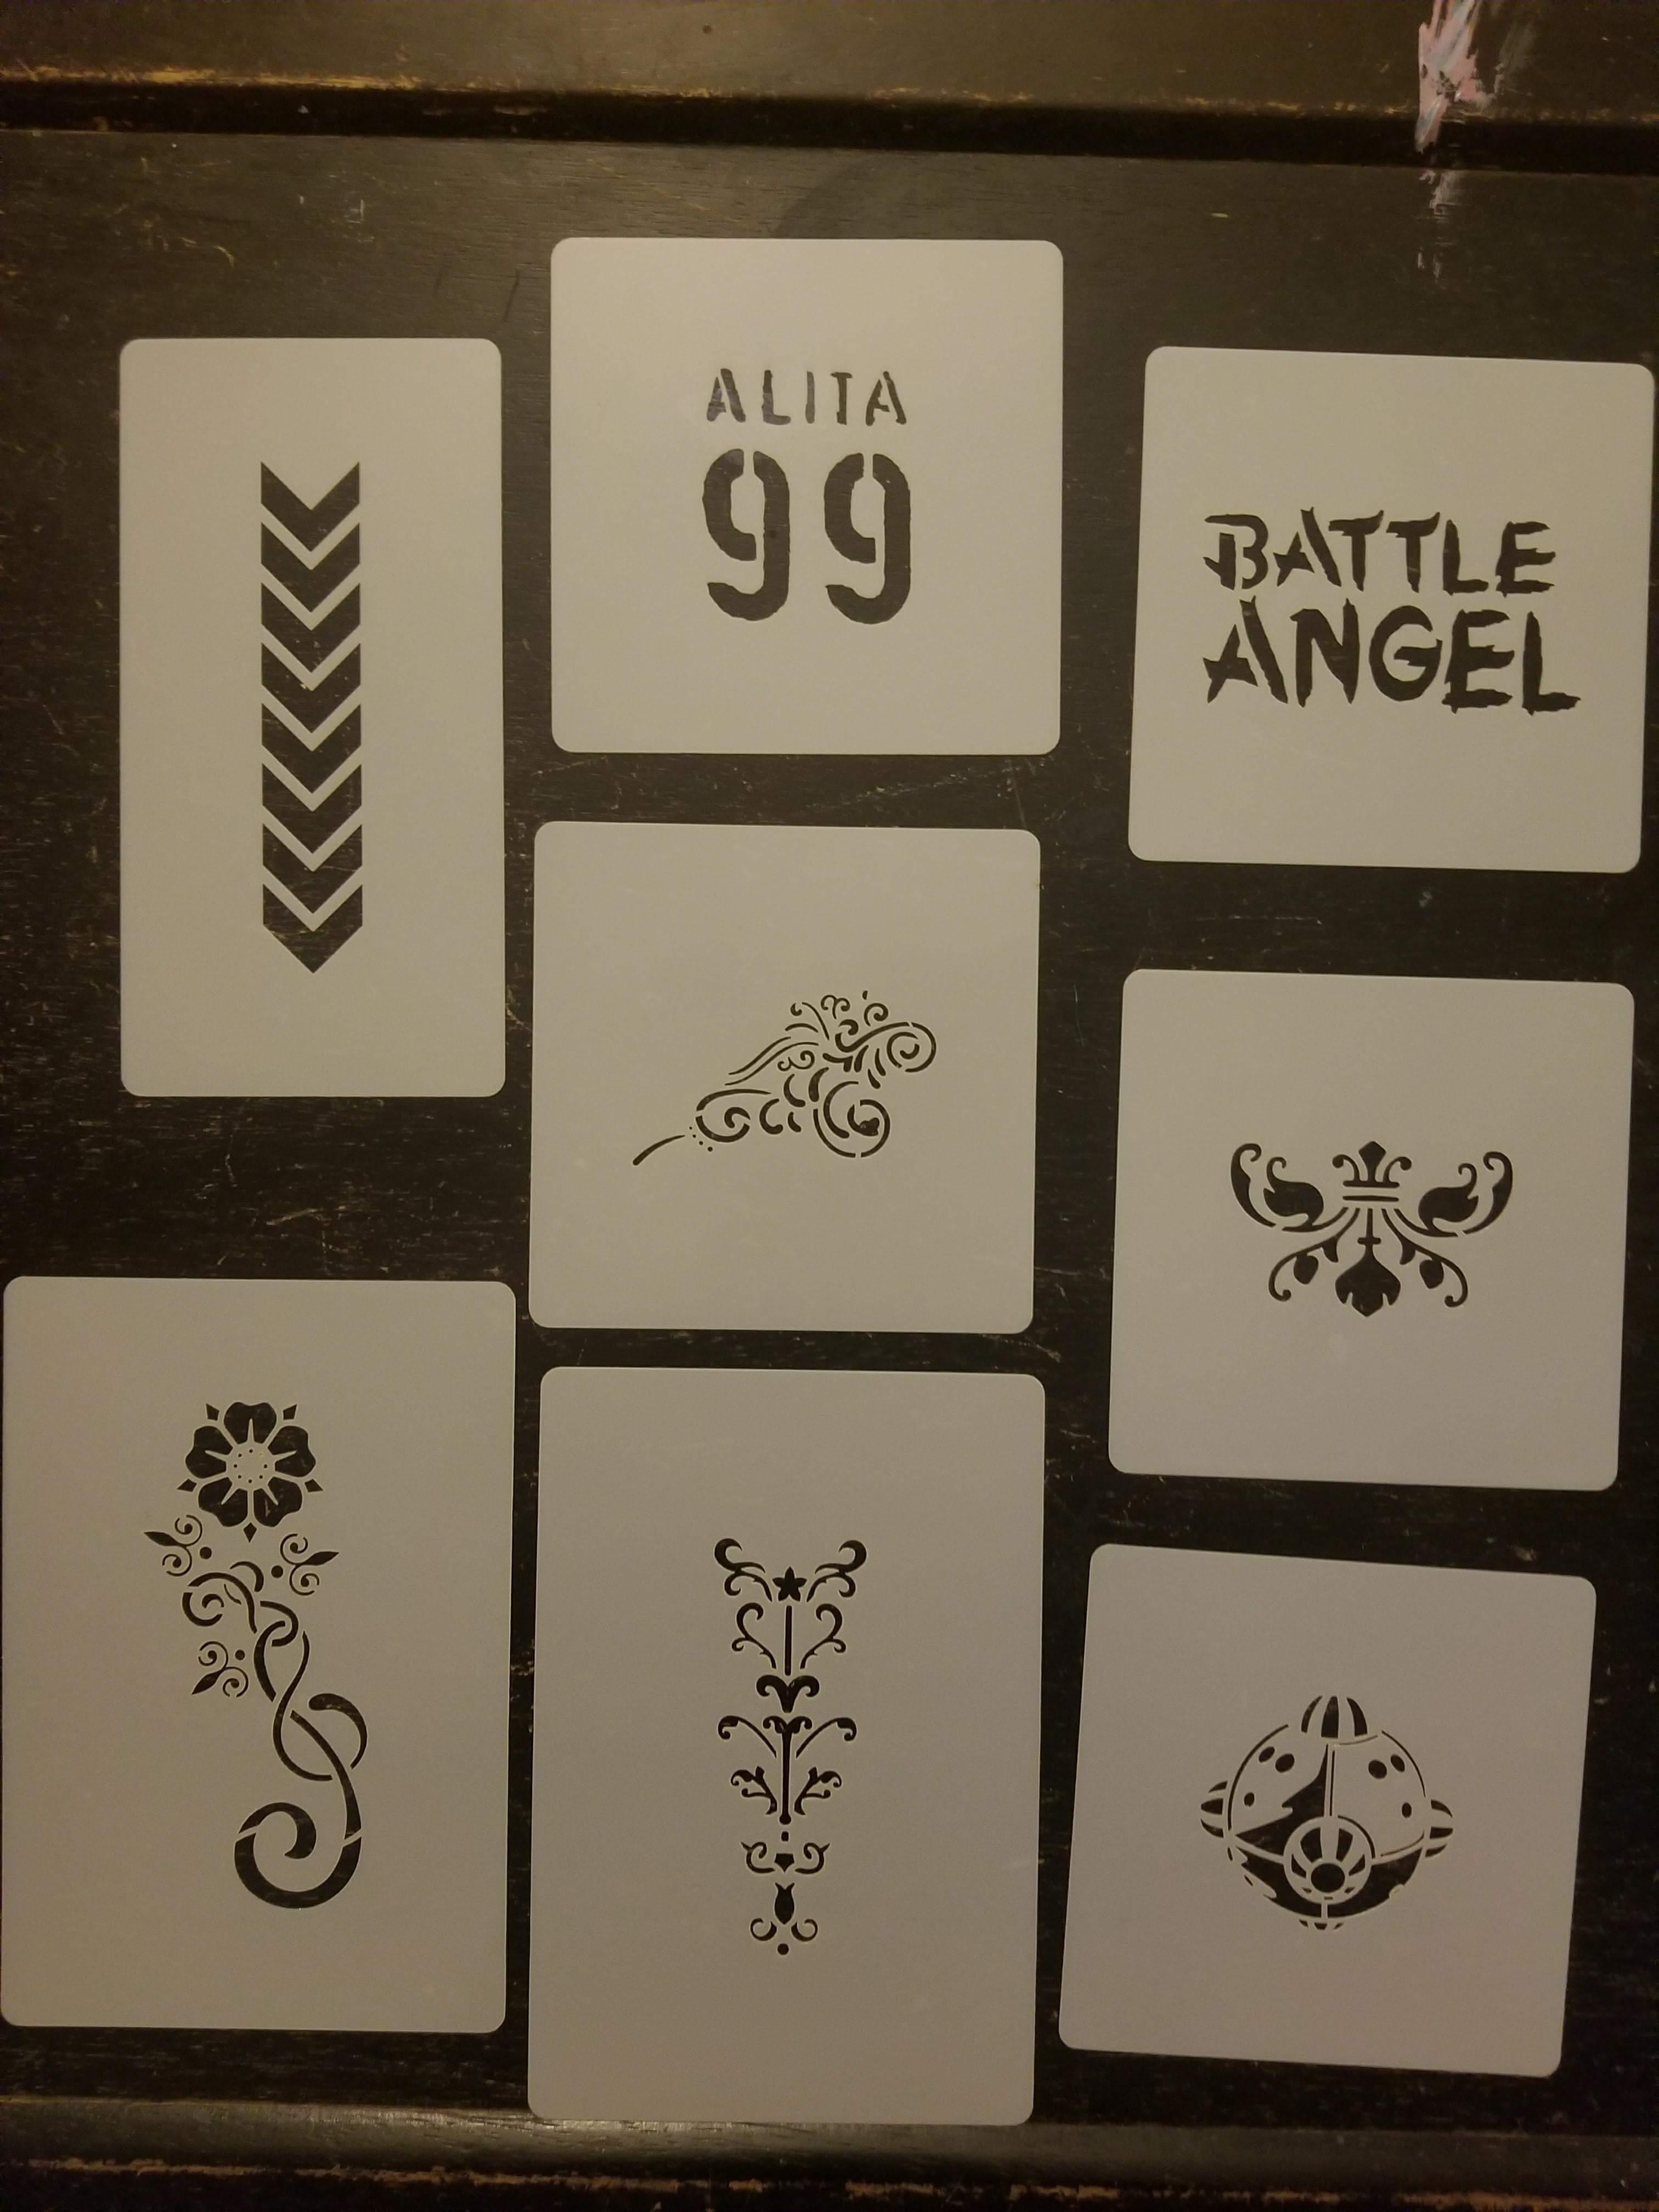 Alita Vidcon 2018 -5